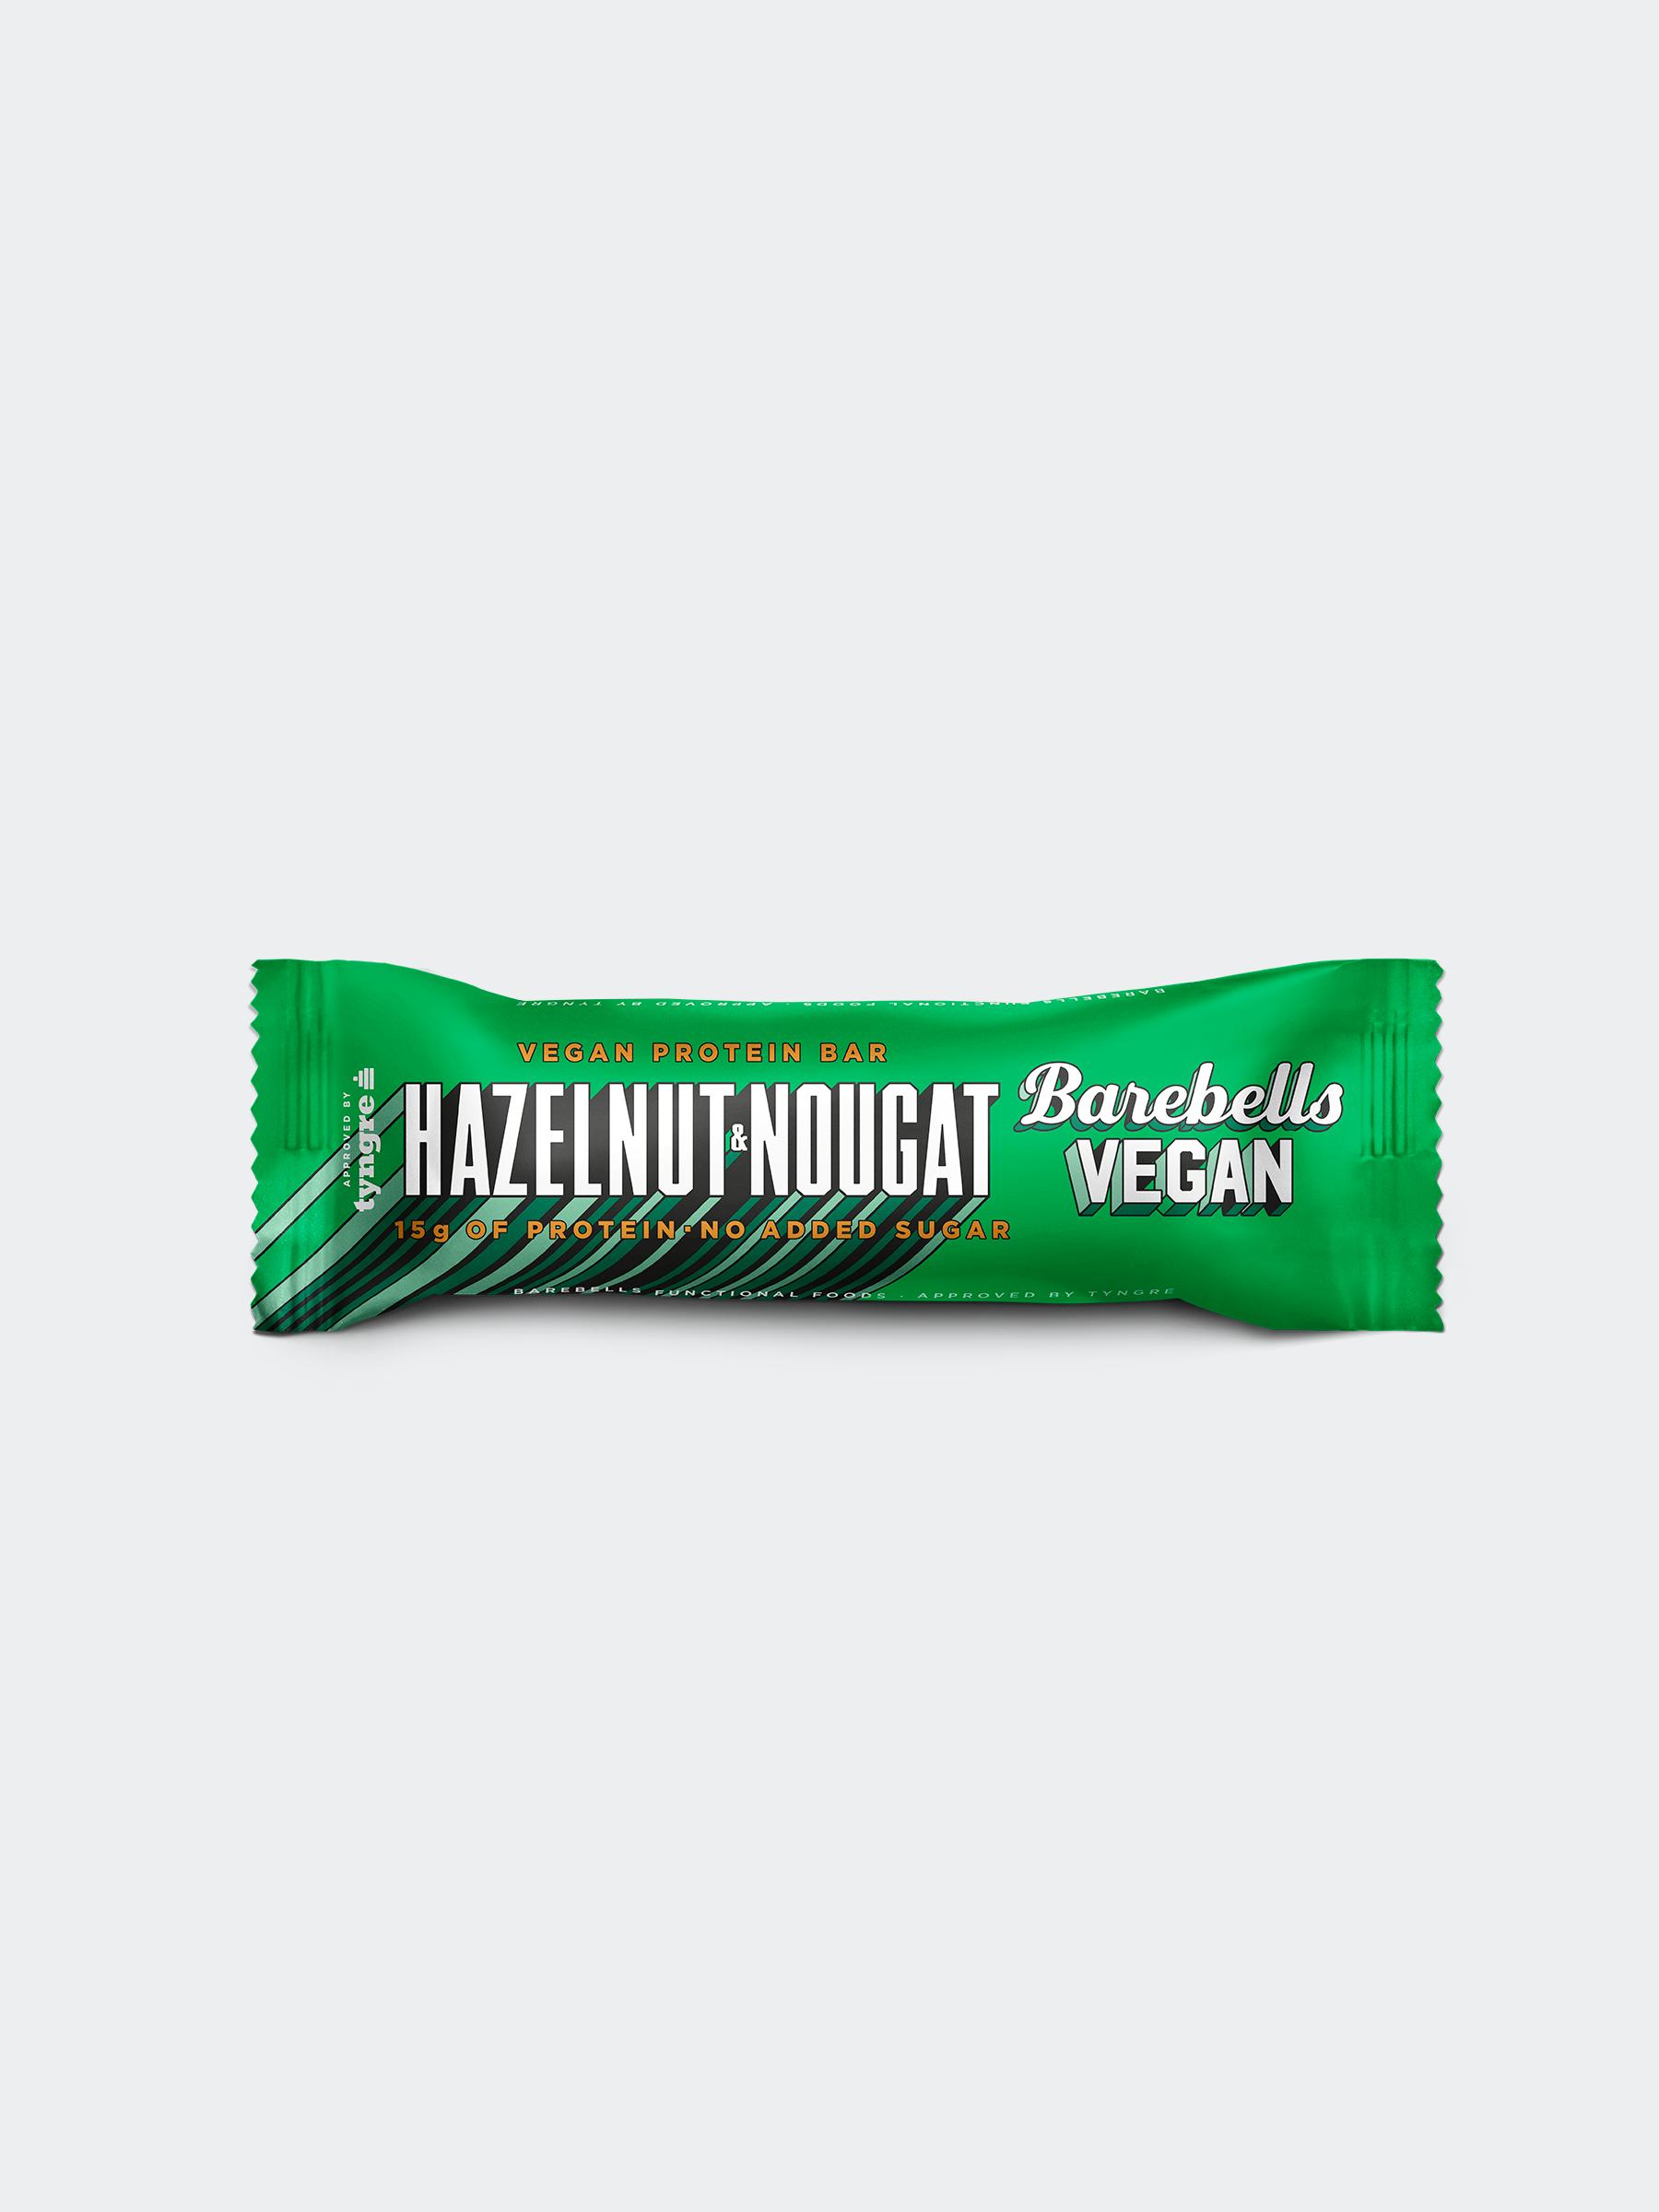 Barebells Vegan Hazelnut & Nougat 12-Pack